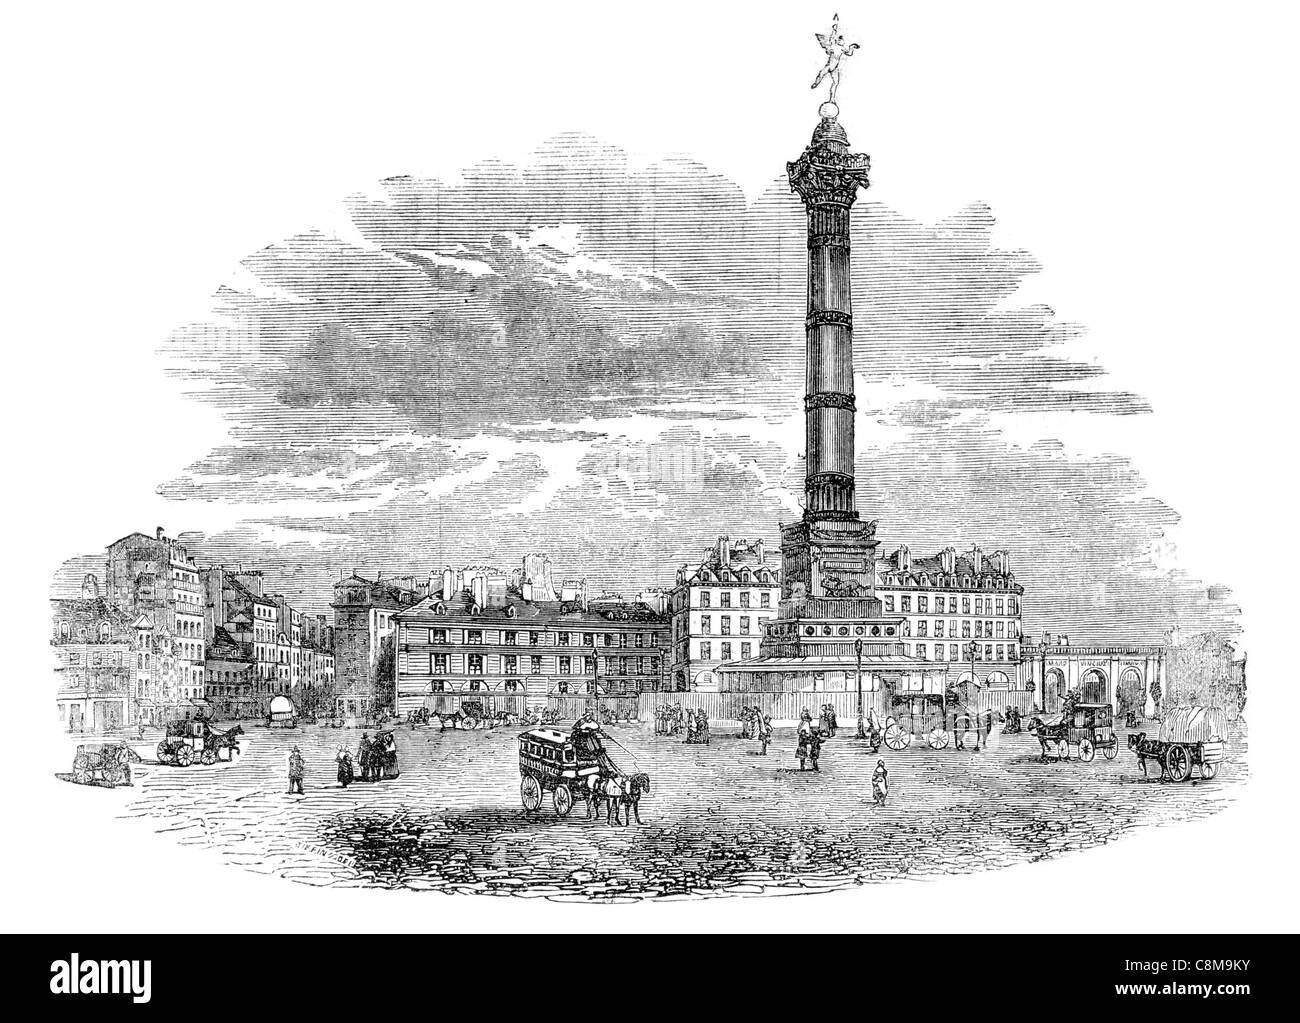 July Column Colonne de Juillet monument Revolution 1830 Place de la Bastille Paris Trois Glorieuses three glorious - Stock Image